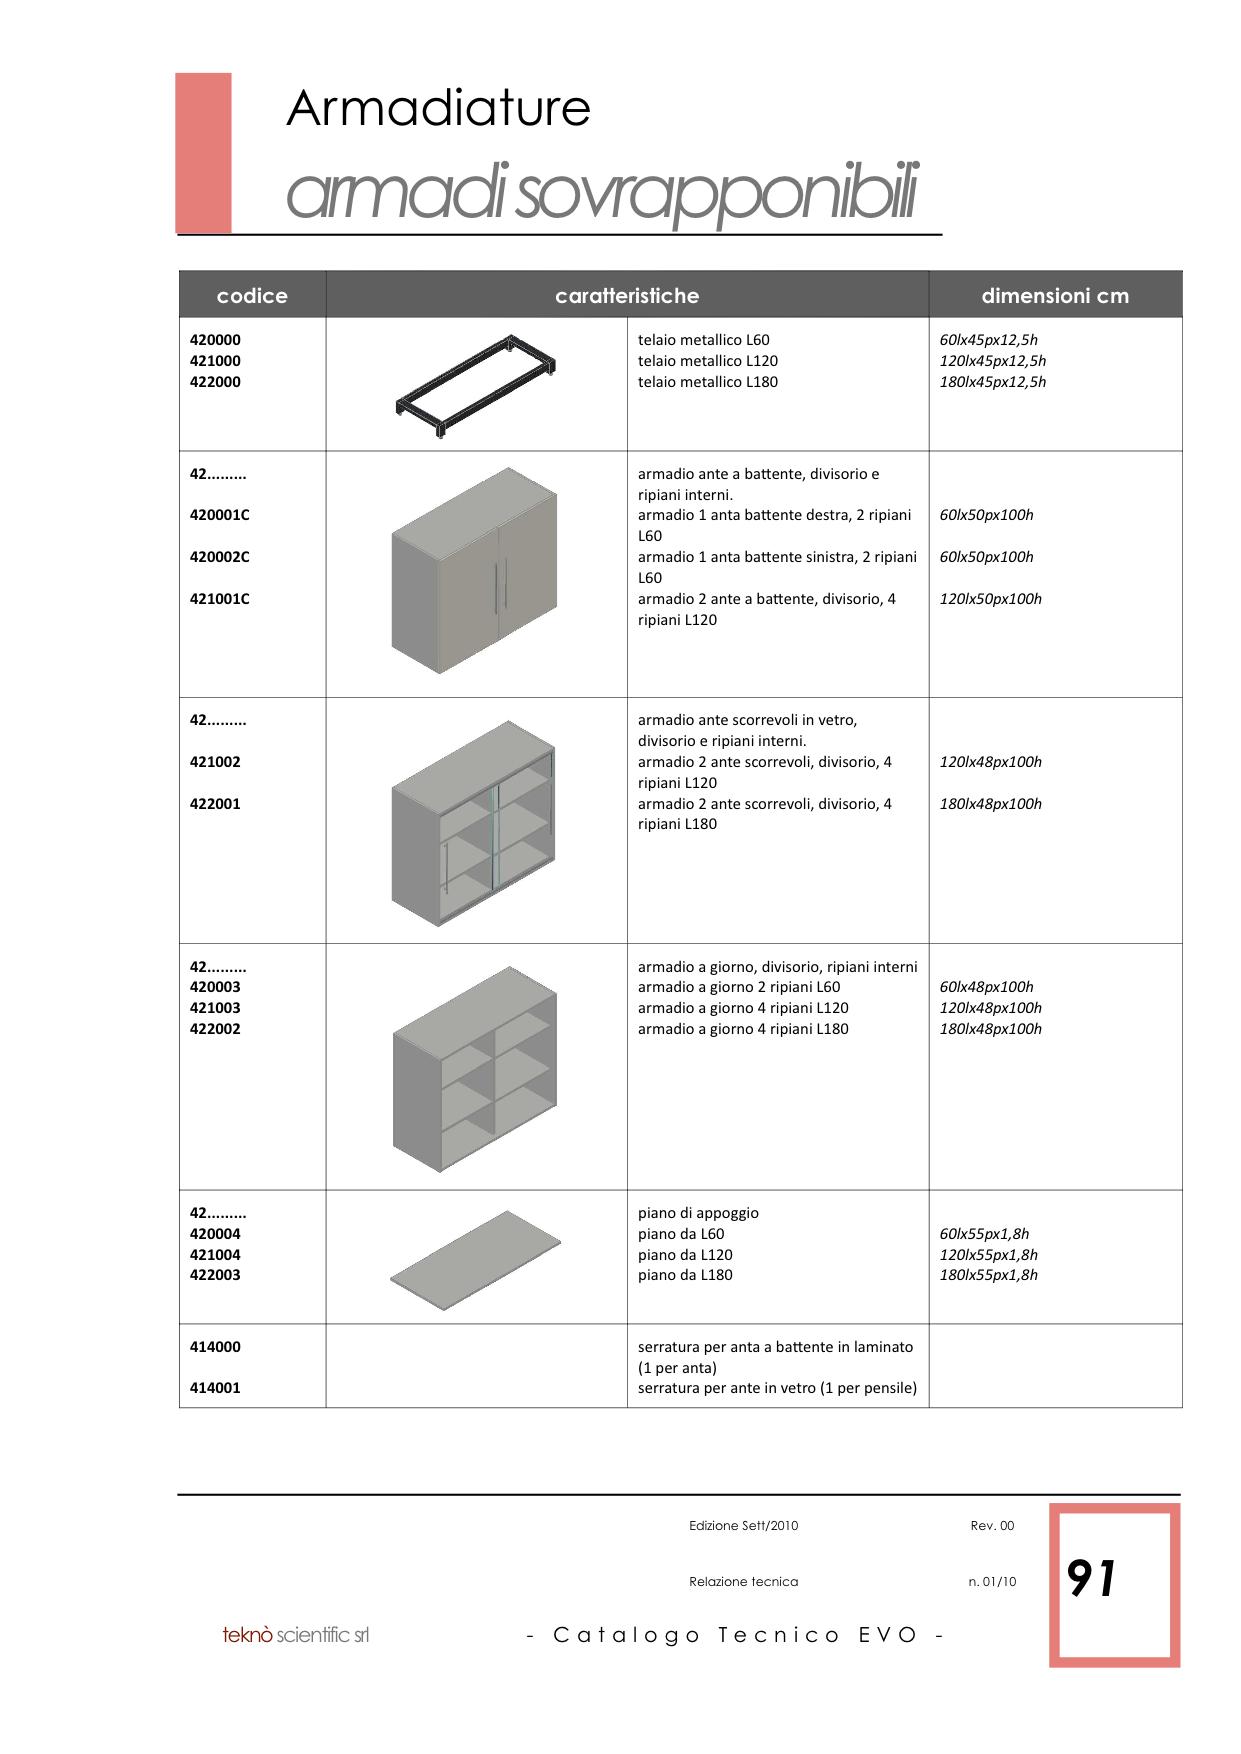 EVO Catalogo Tecnico Generale copia 91.png